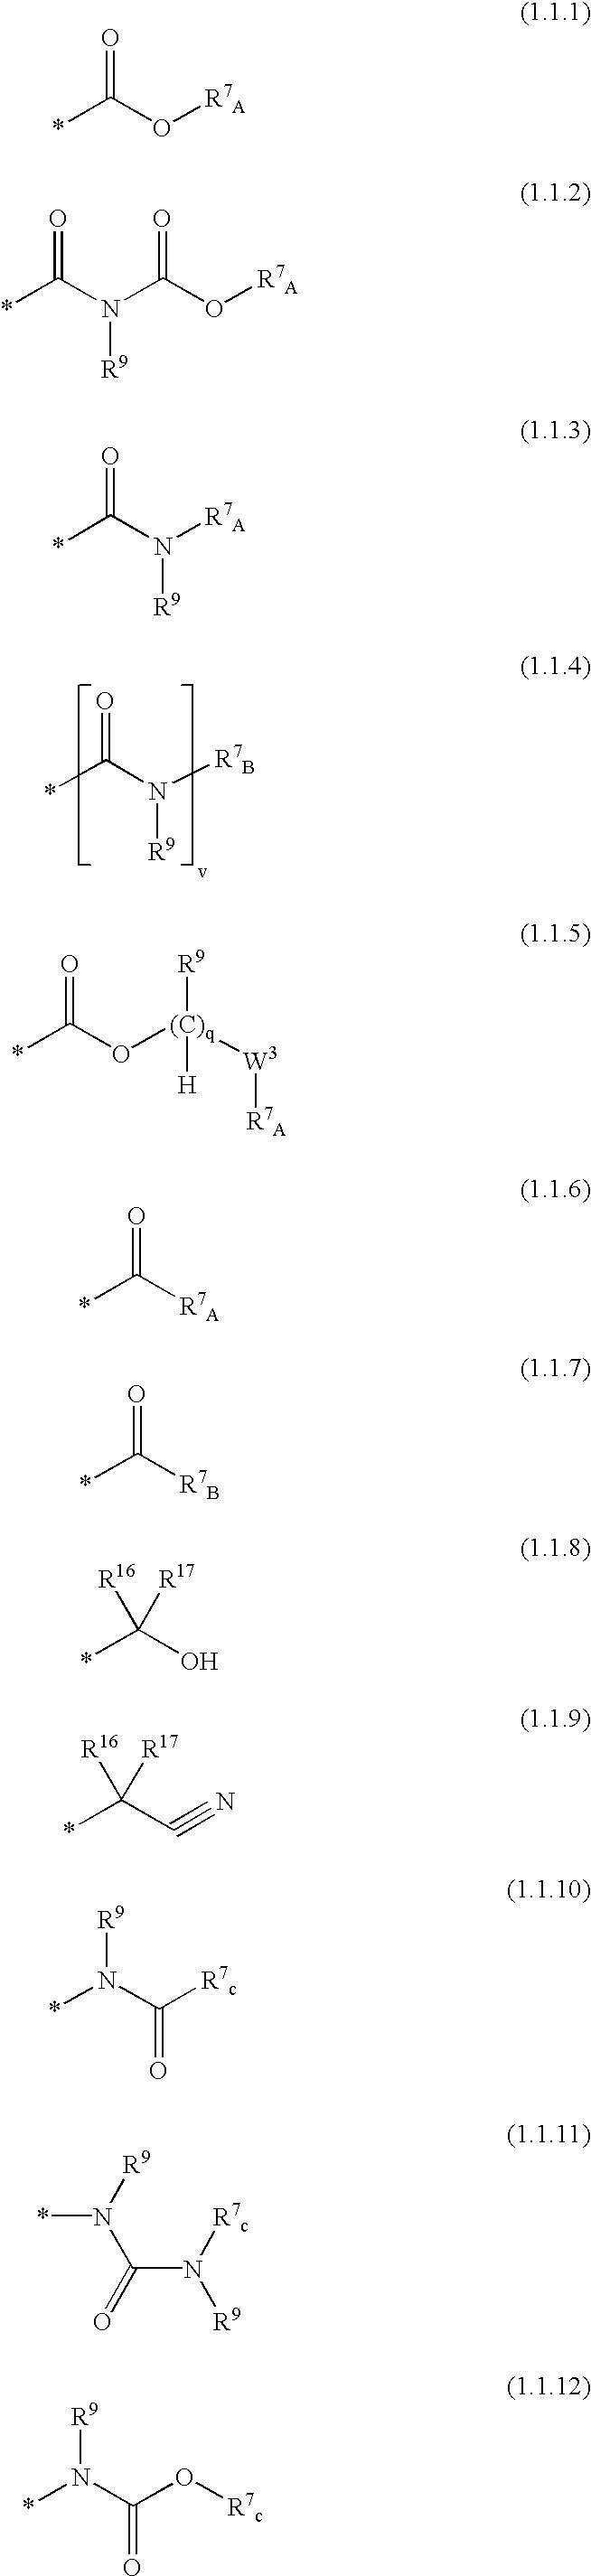 Figure US20020123520A1-20020905-C00072